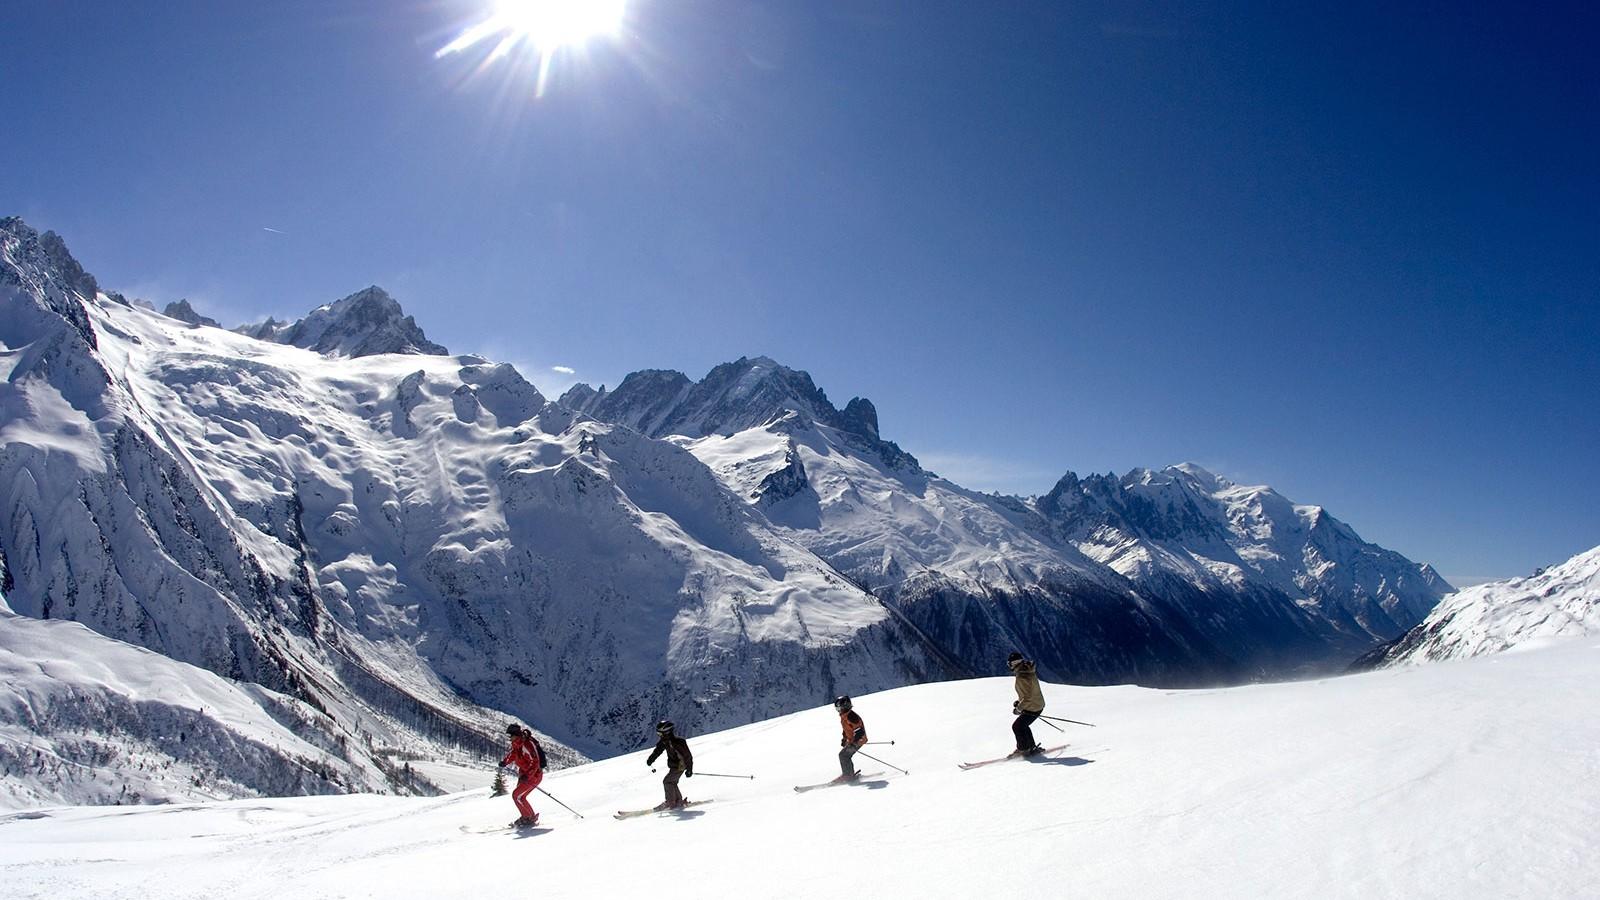 Ski school in Chamonix - Ski resort in France